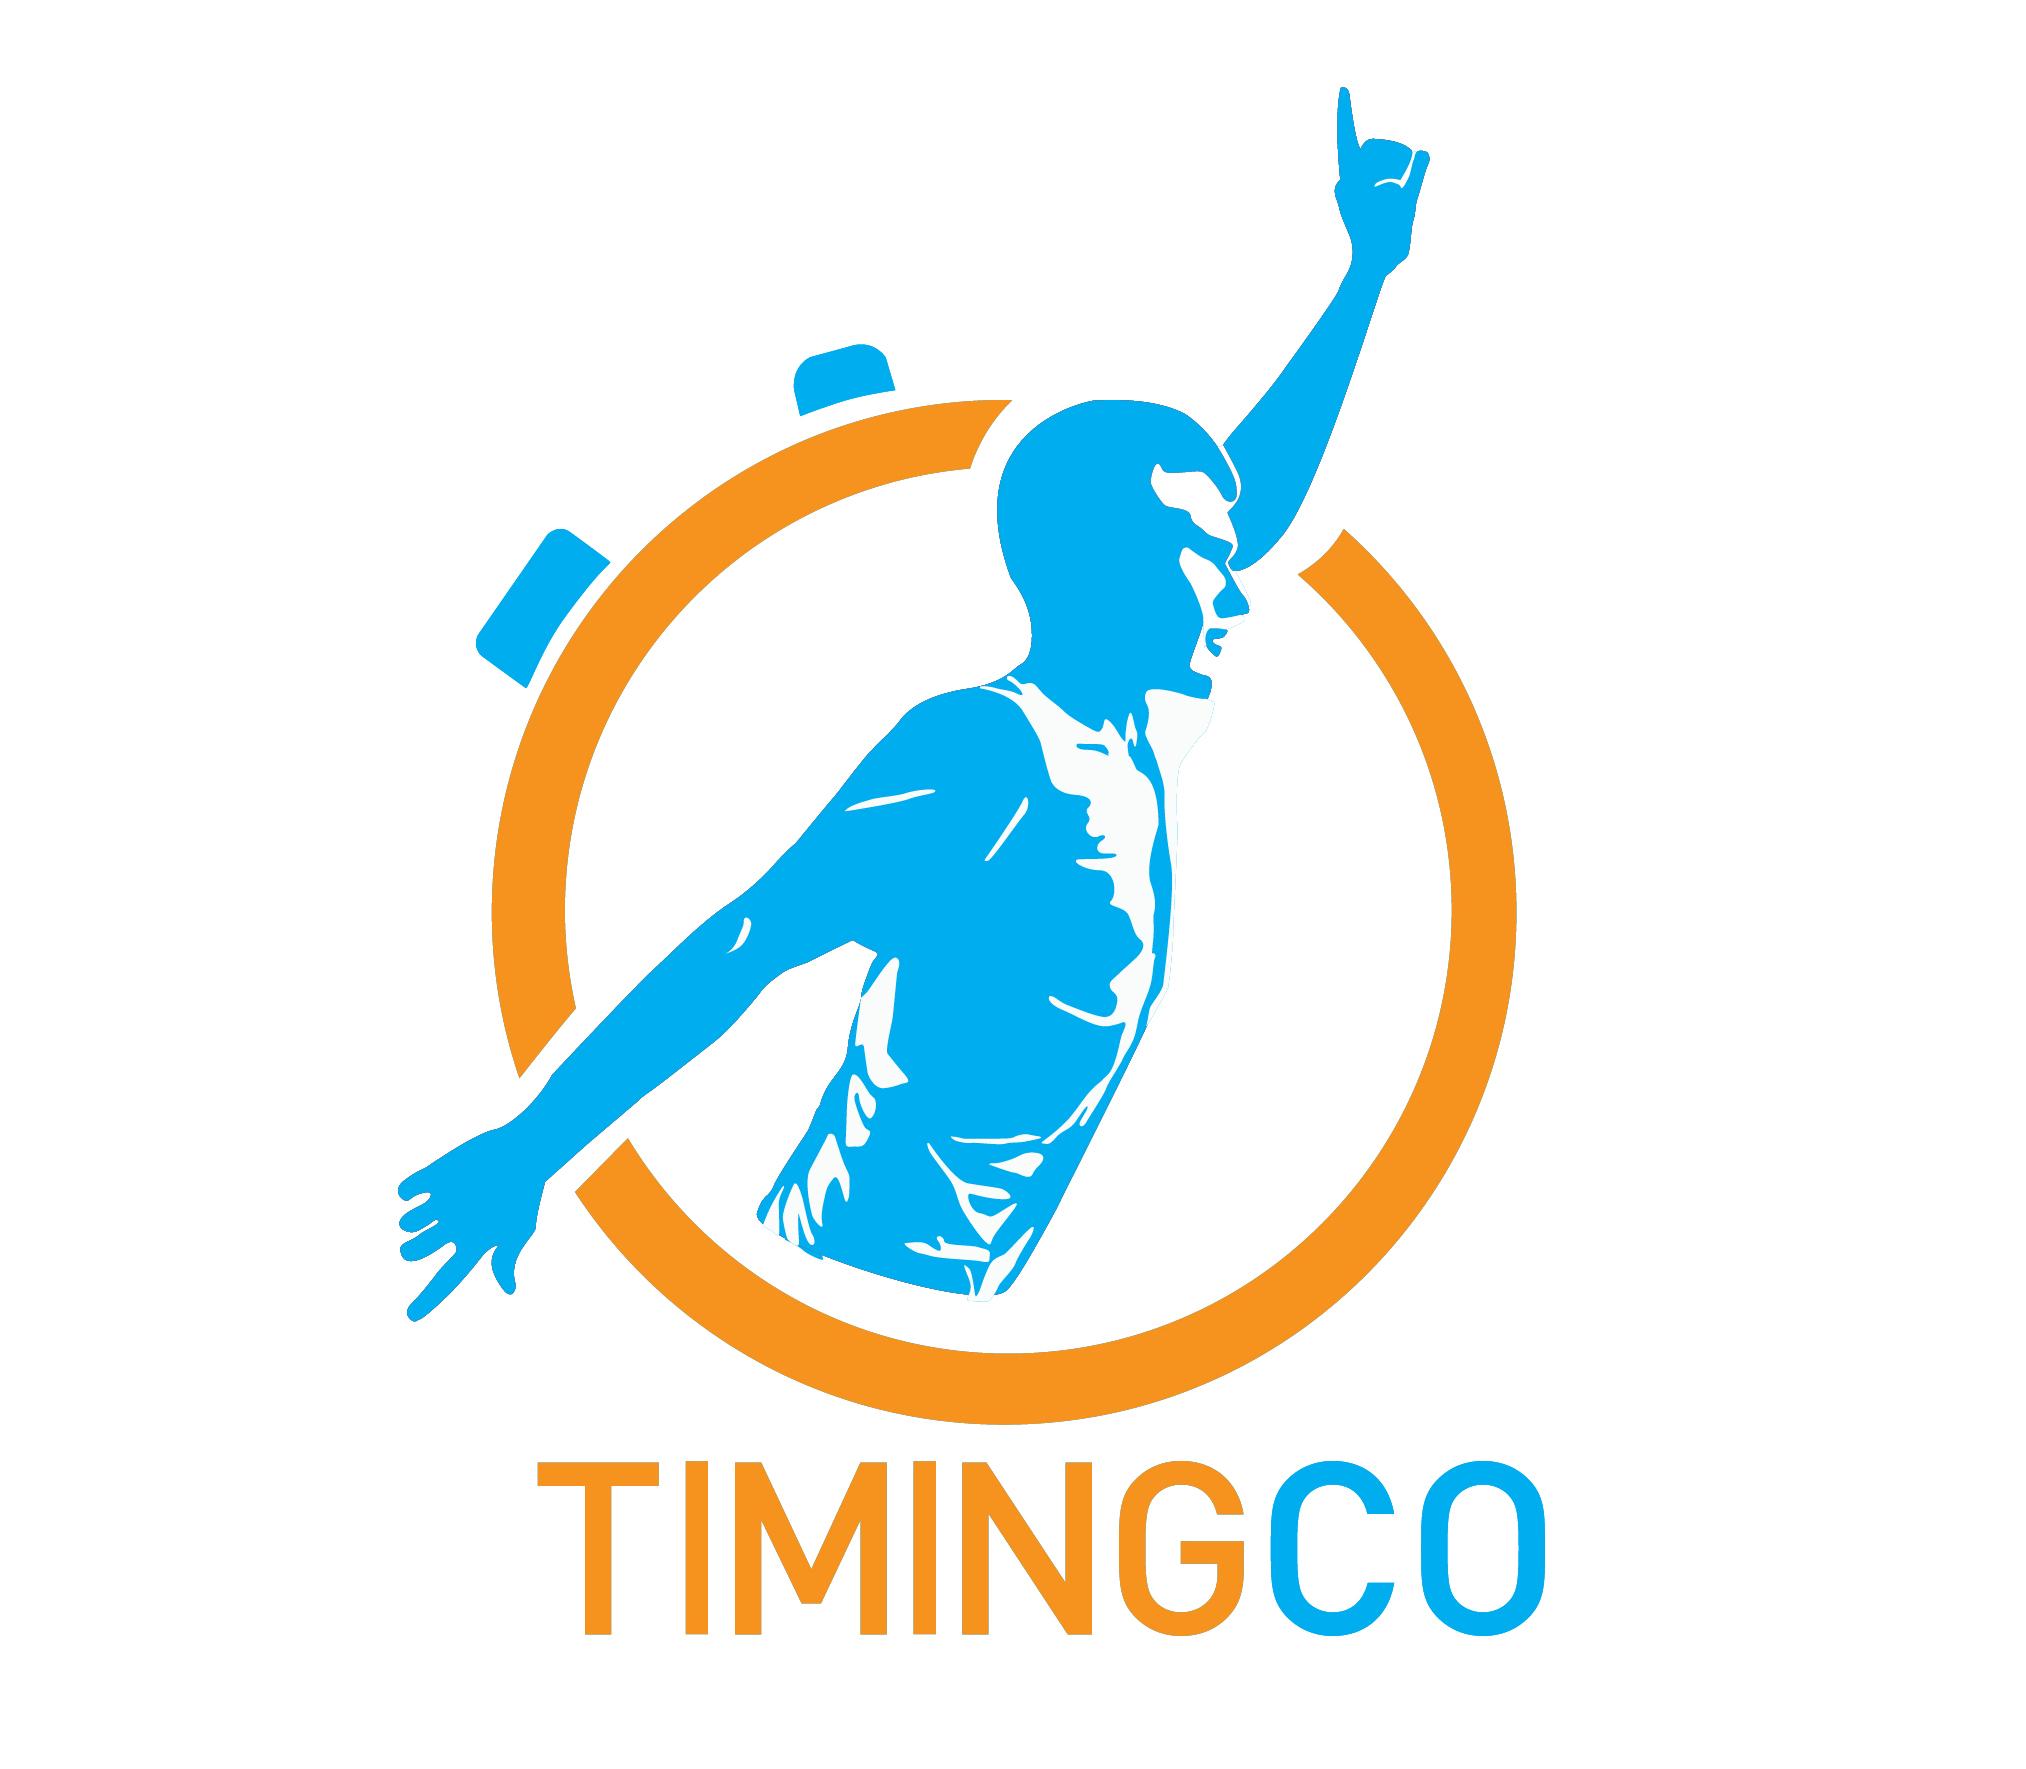 logo timingco